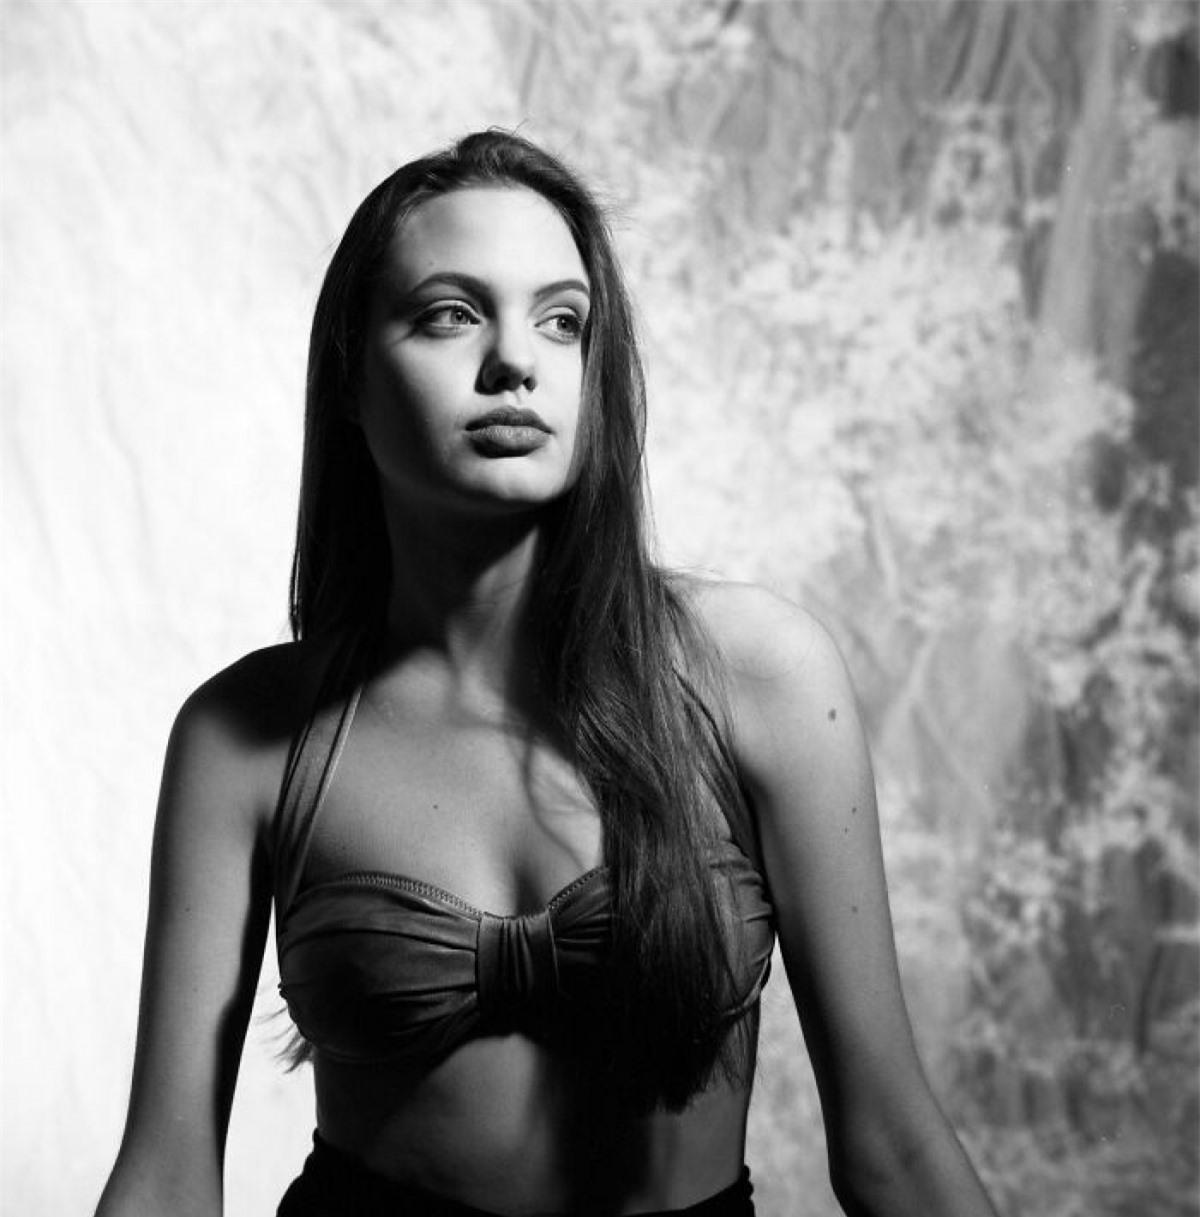 """Angelina Jolie theo học tại Học viện Sân hấu Lee Straberg trong hai năm, sau đó là nghành Kịch nghệ tại Đại học New York. Cô xuất hiện trong các bộ phim của anh trai, tham gia vào một số video ca nhạc và làm người mẫu. Angelina nhận vai chính đầu tay vào năm 1993 với bộ phim """"Cyborg 2"""", nhưng kết quả không như mong đợi khiến cô từ bỏ việc thử vai trong một năm. Vai diễn siêu mẫu Gia Carangi trong """"Gia"""" (1998) trở thành bước đột phá trong sự nghiệp diễn xuât của cô."""